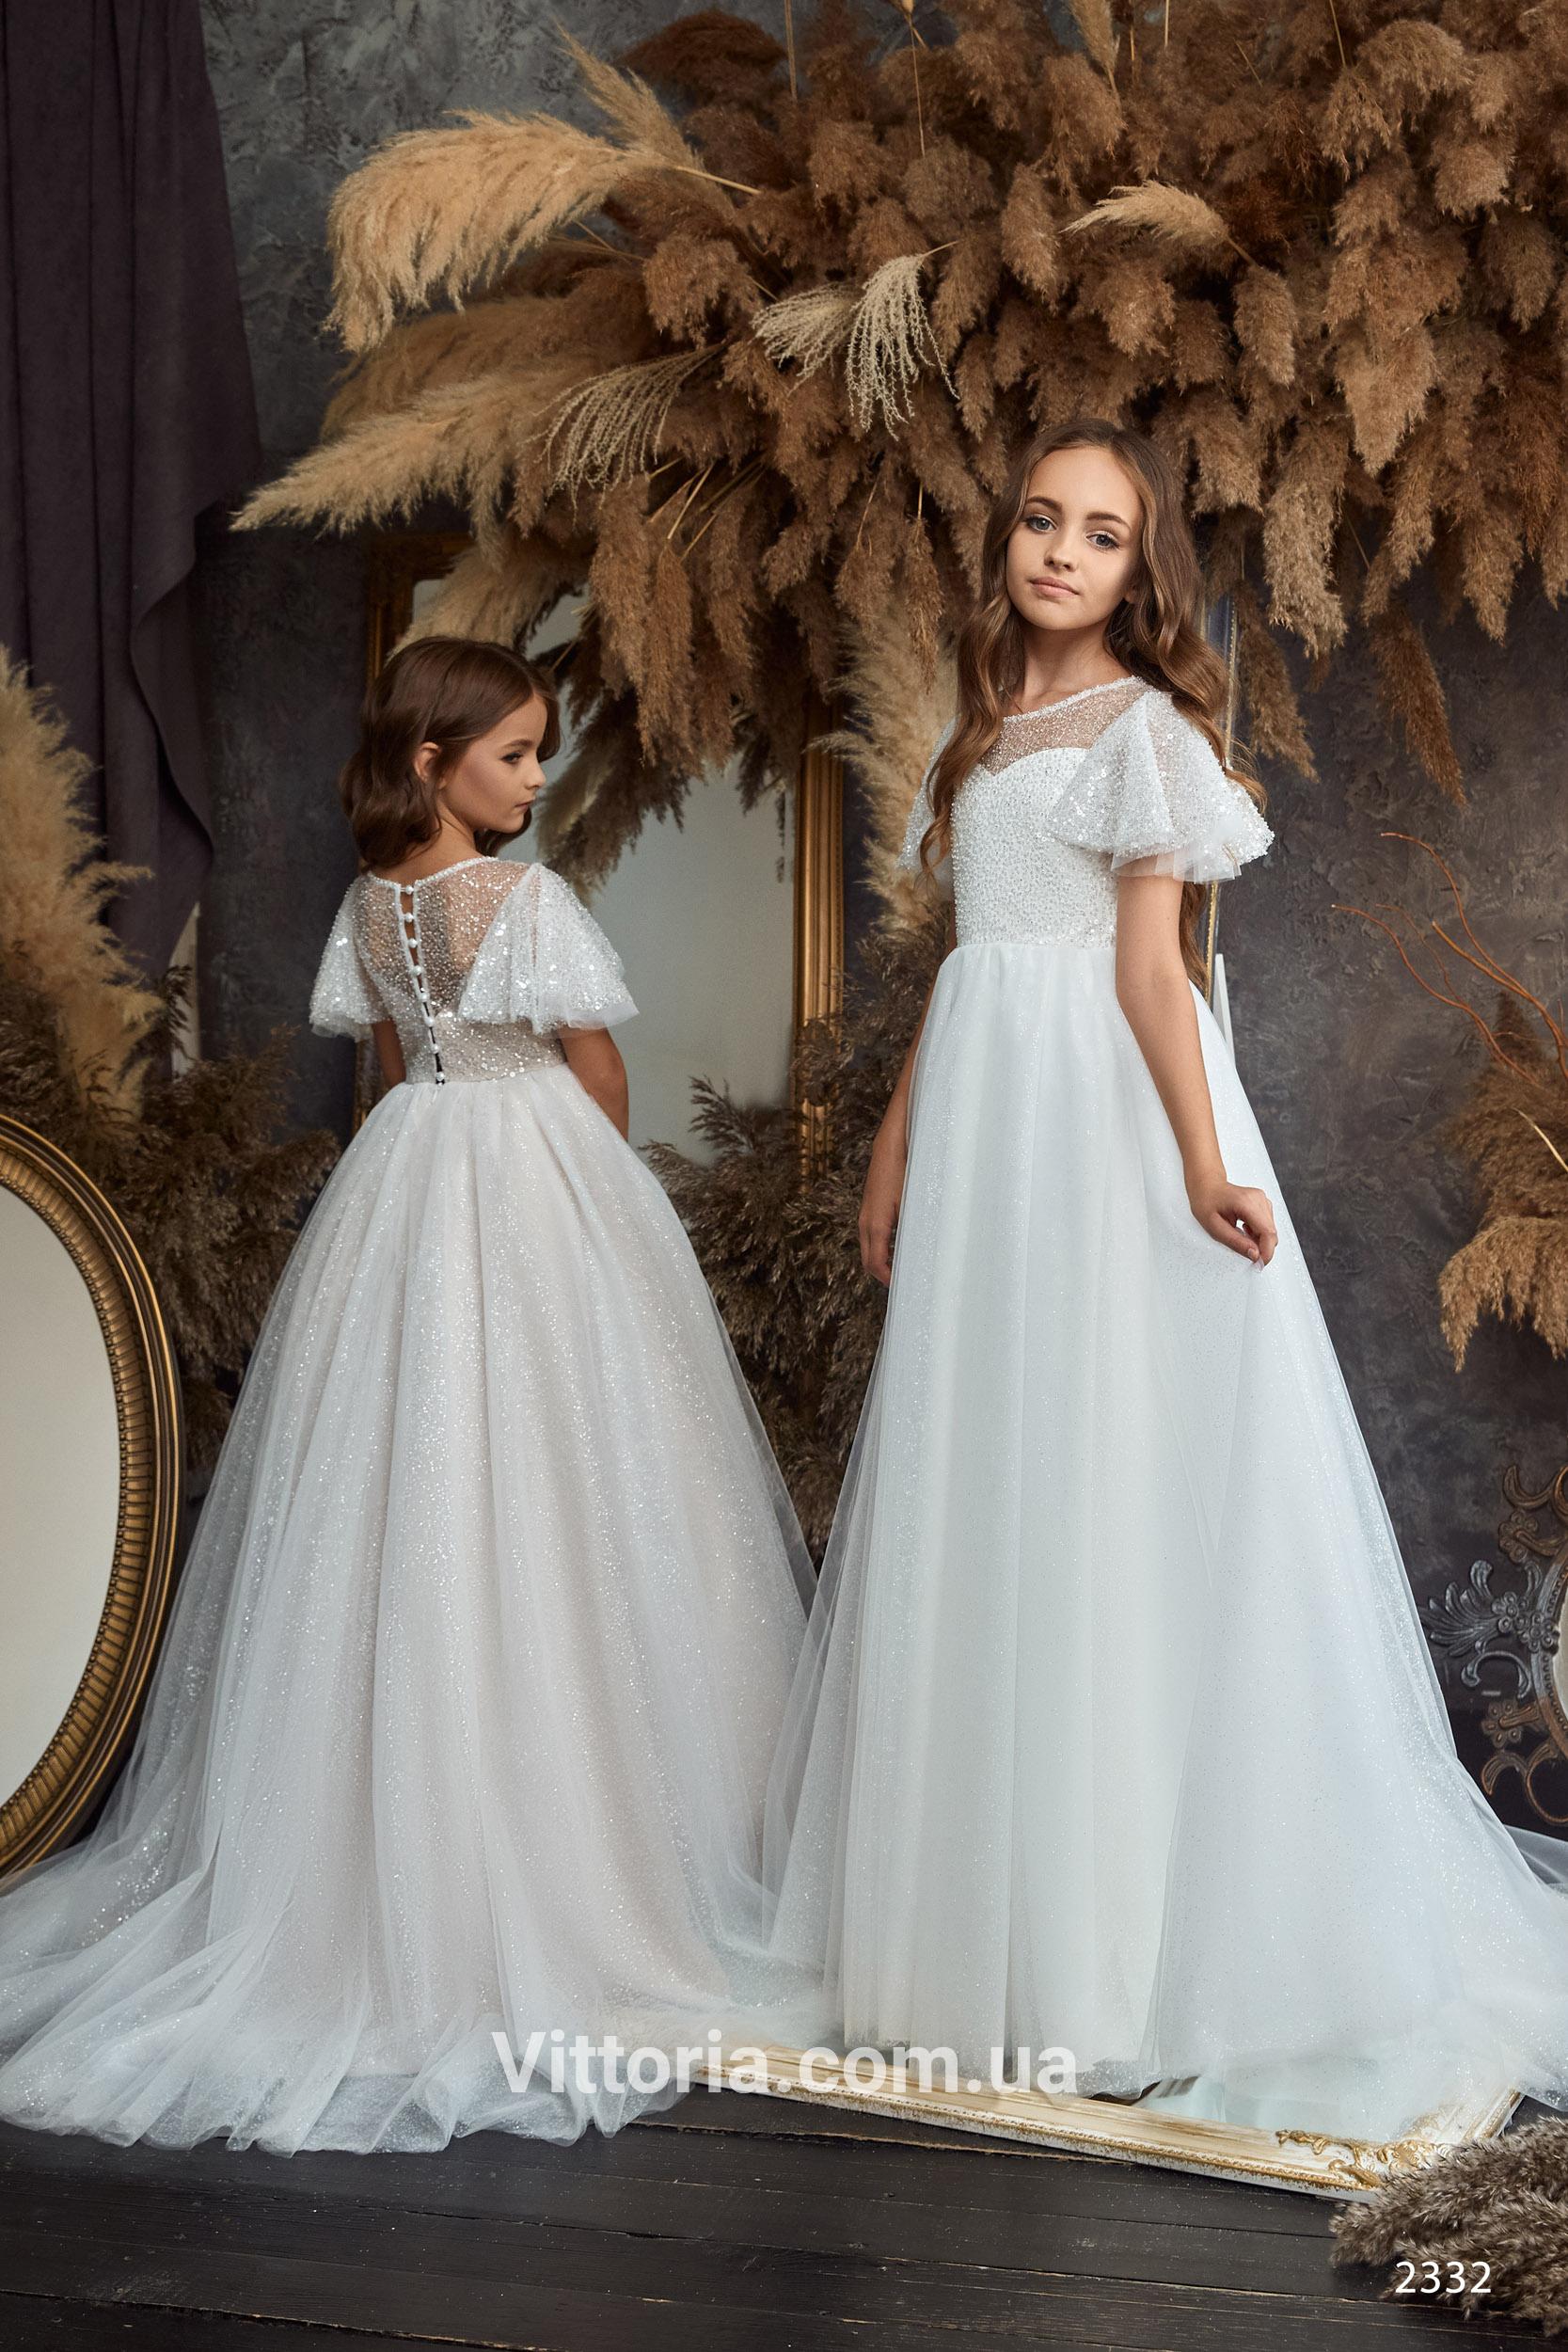 Детское платье 2332